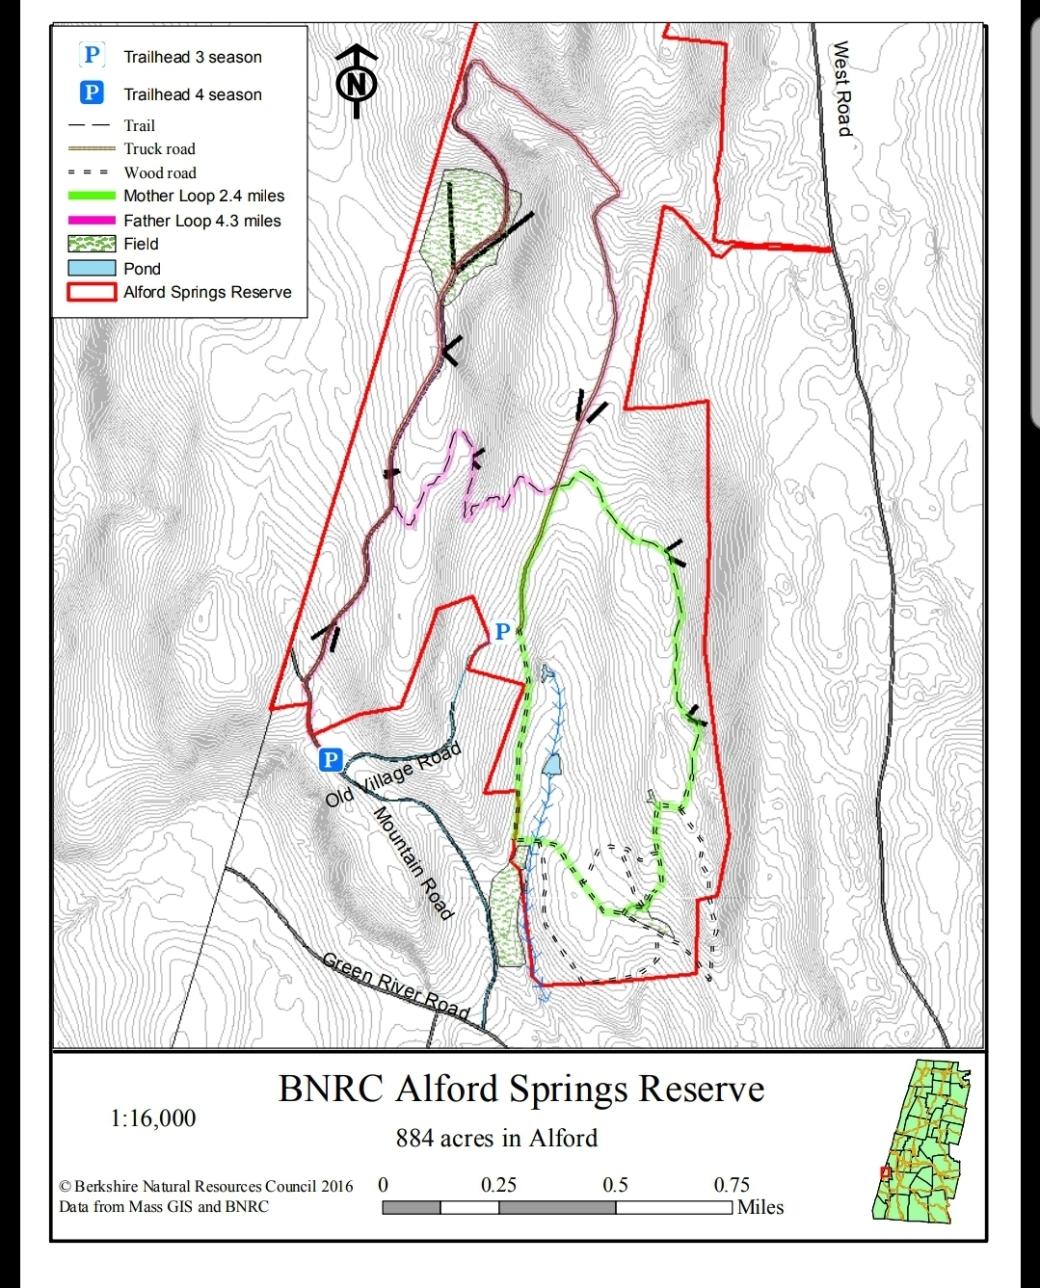 Alford Springs BNRC